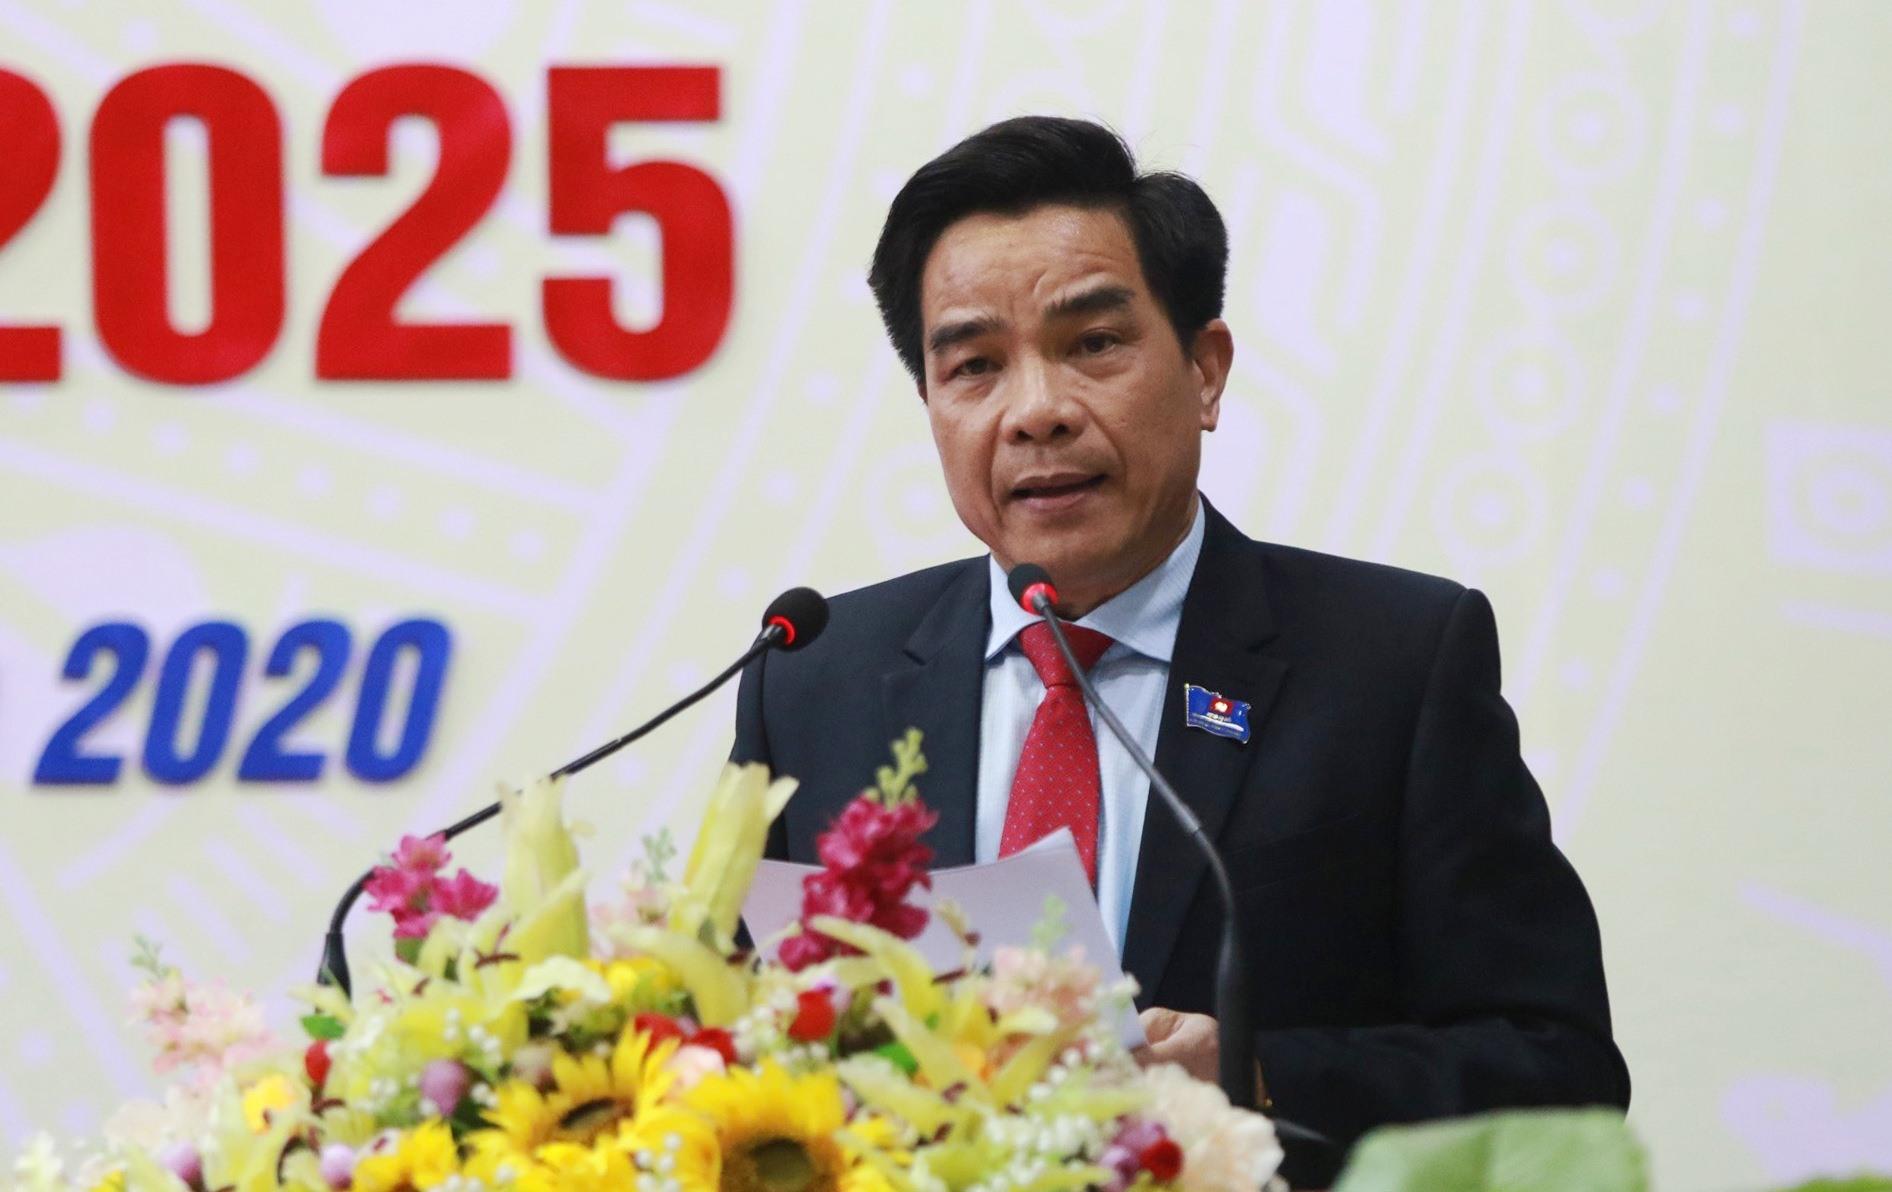 Phó Bí thư Tỉnh ủy Lê Văn Dũng phát biểu chỉ đạo tại đại hội. Ảnh: T.C